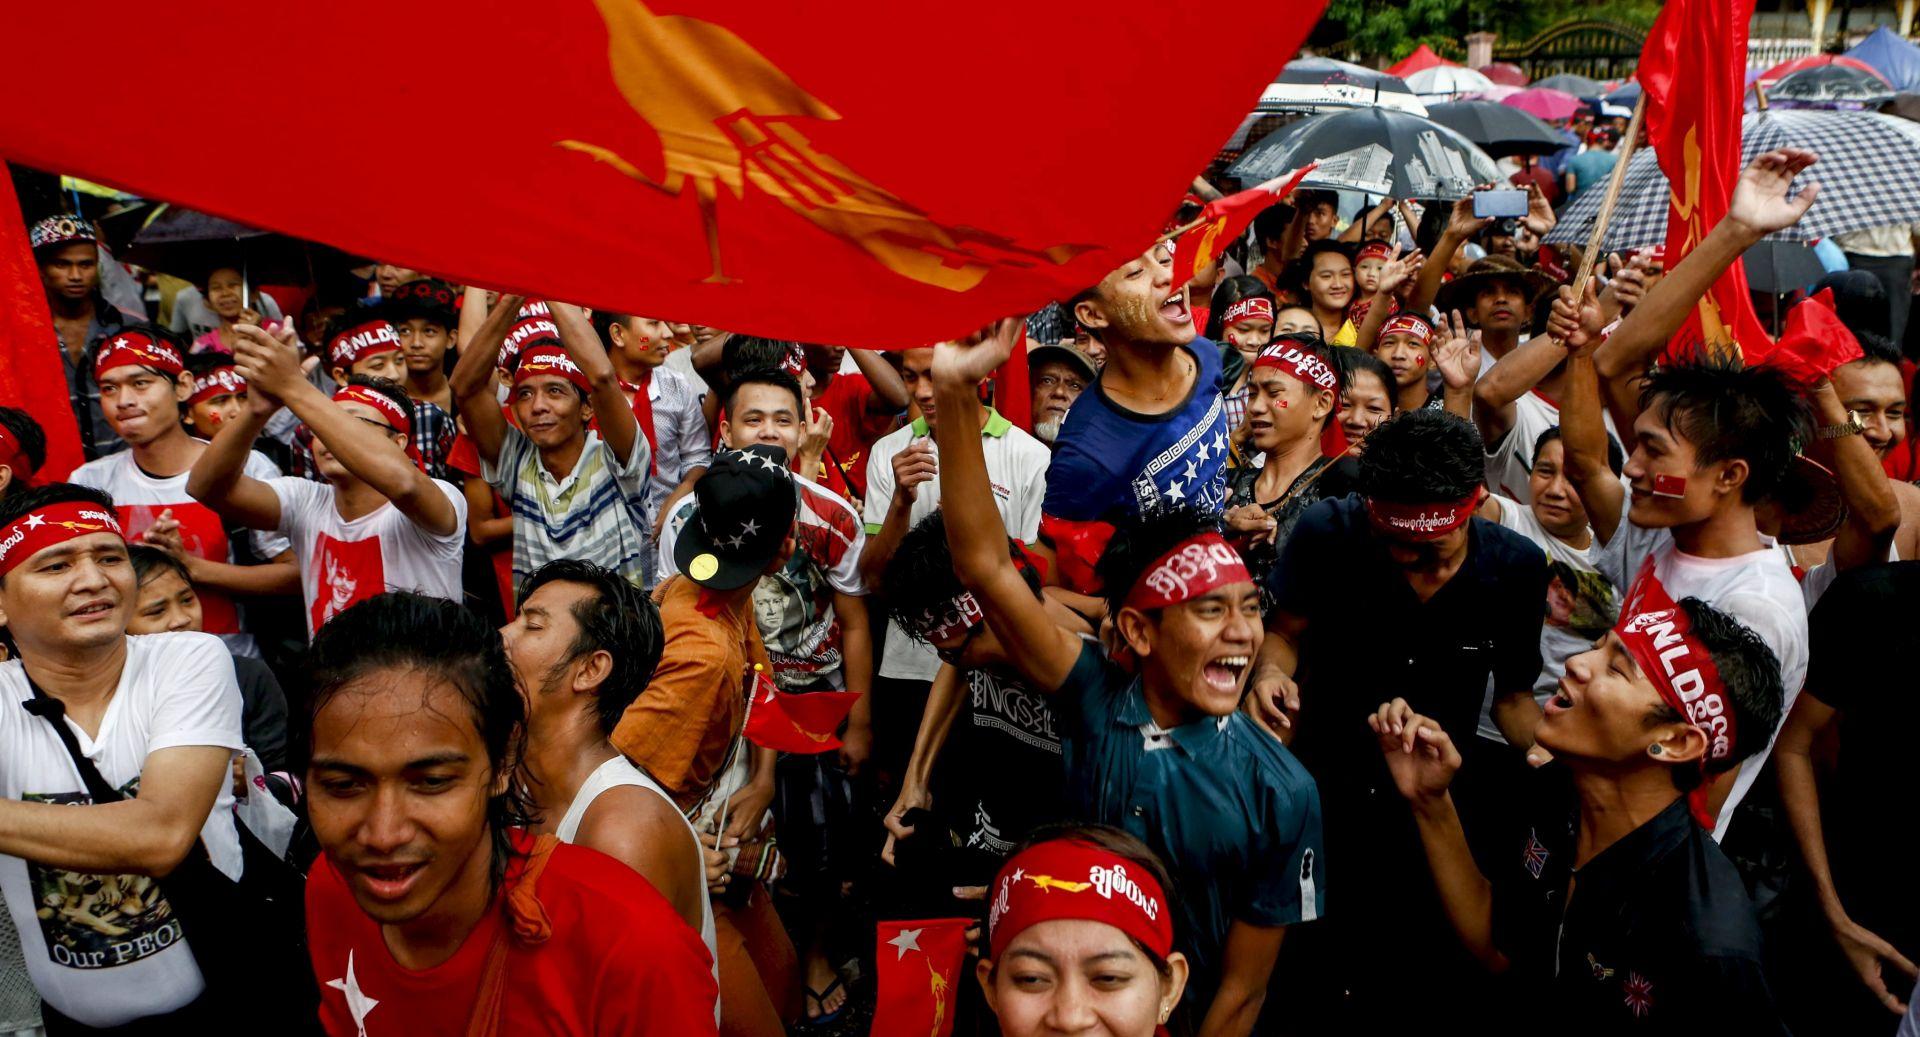 Mianmarski izbori jačaju nade u ukidanje sankcija, ako vojska prihvati izborni rezultat